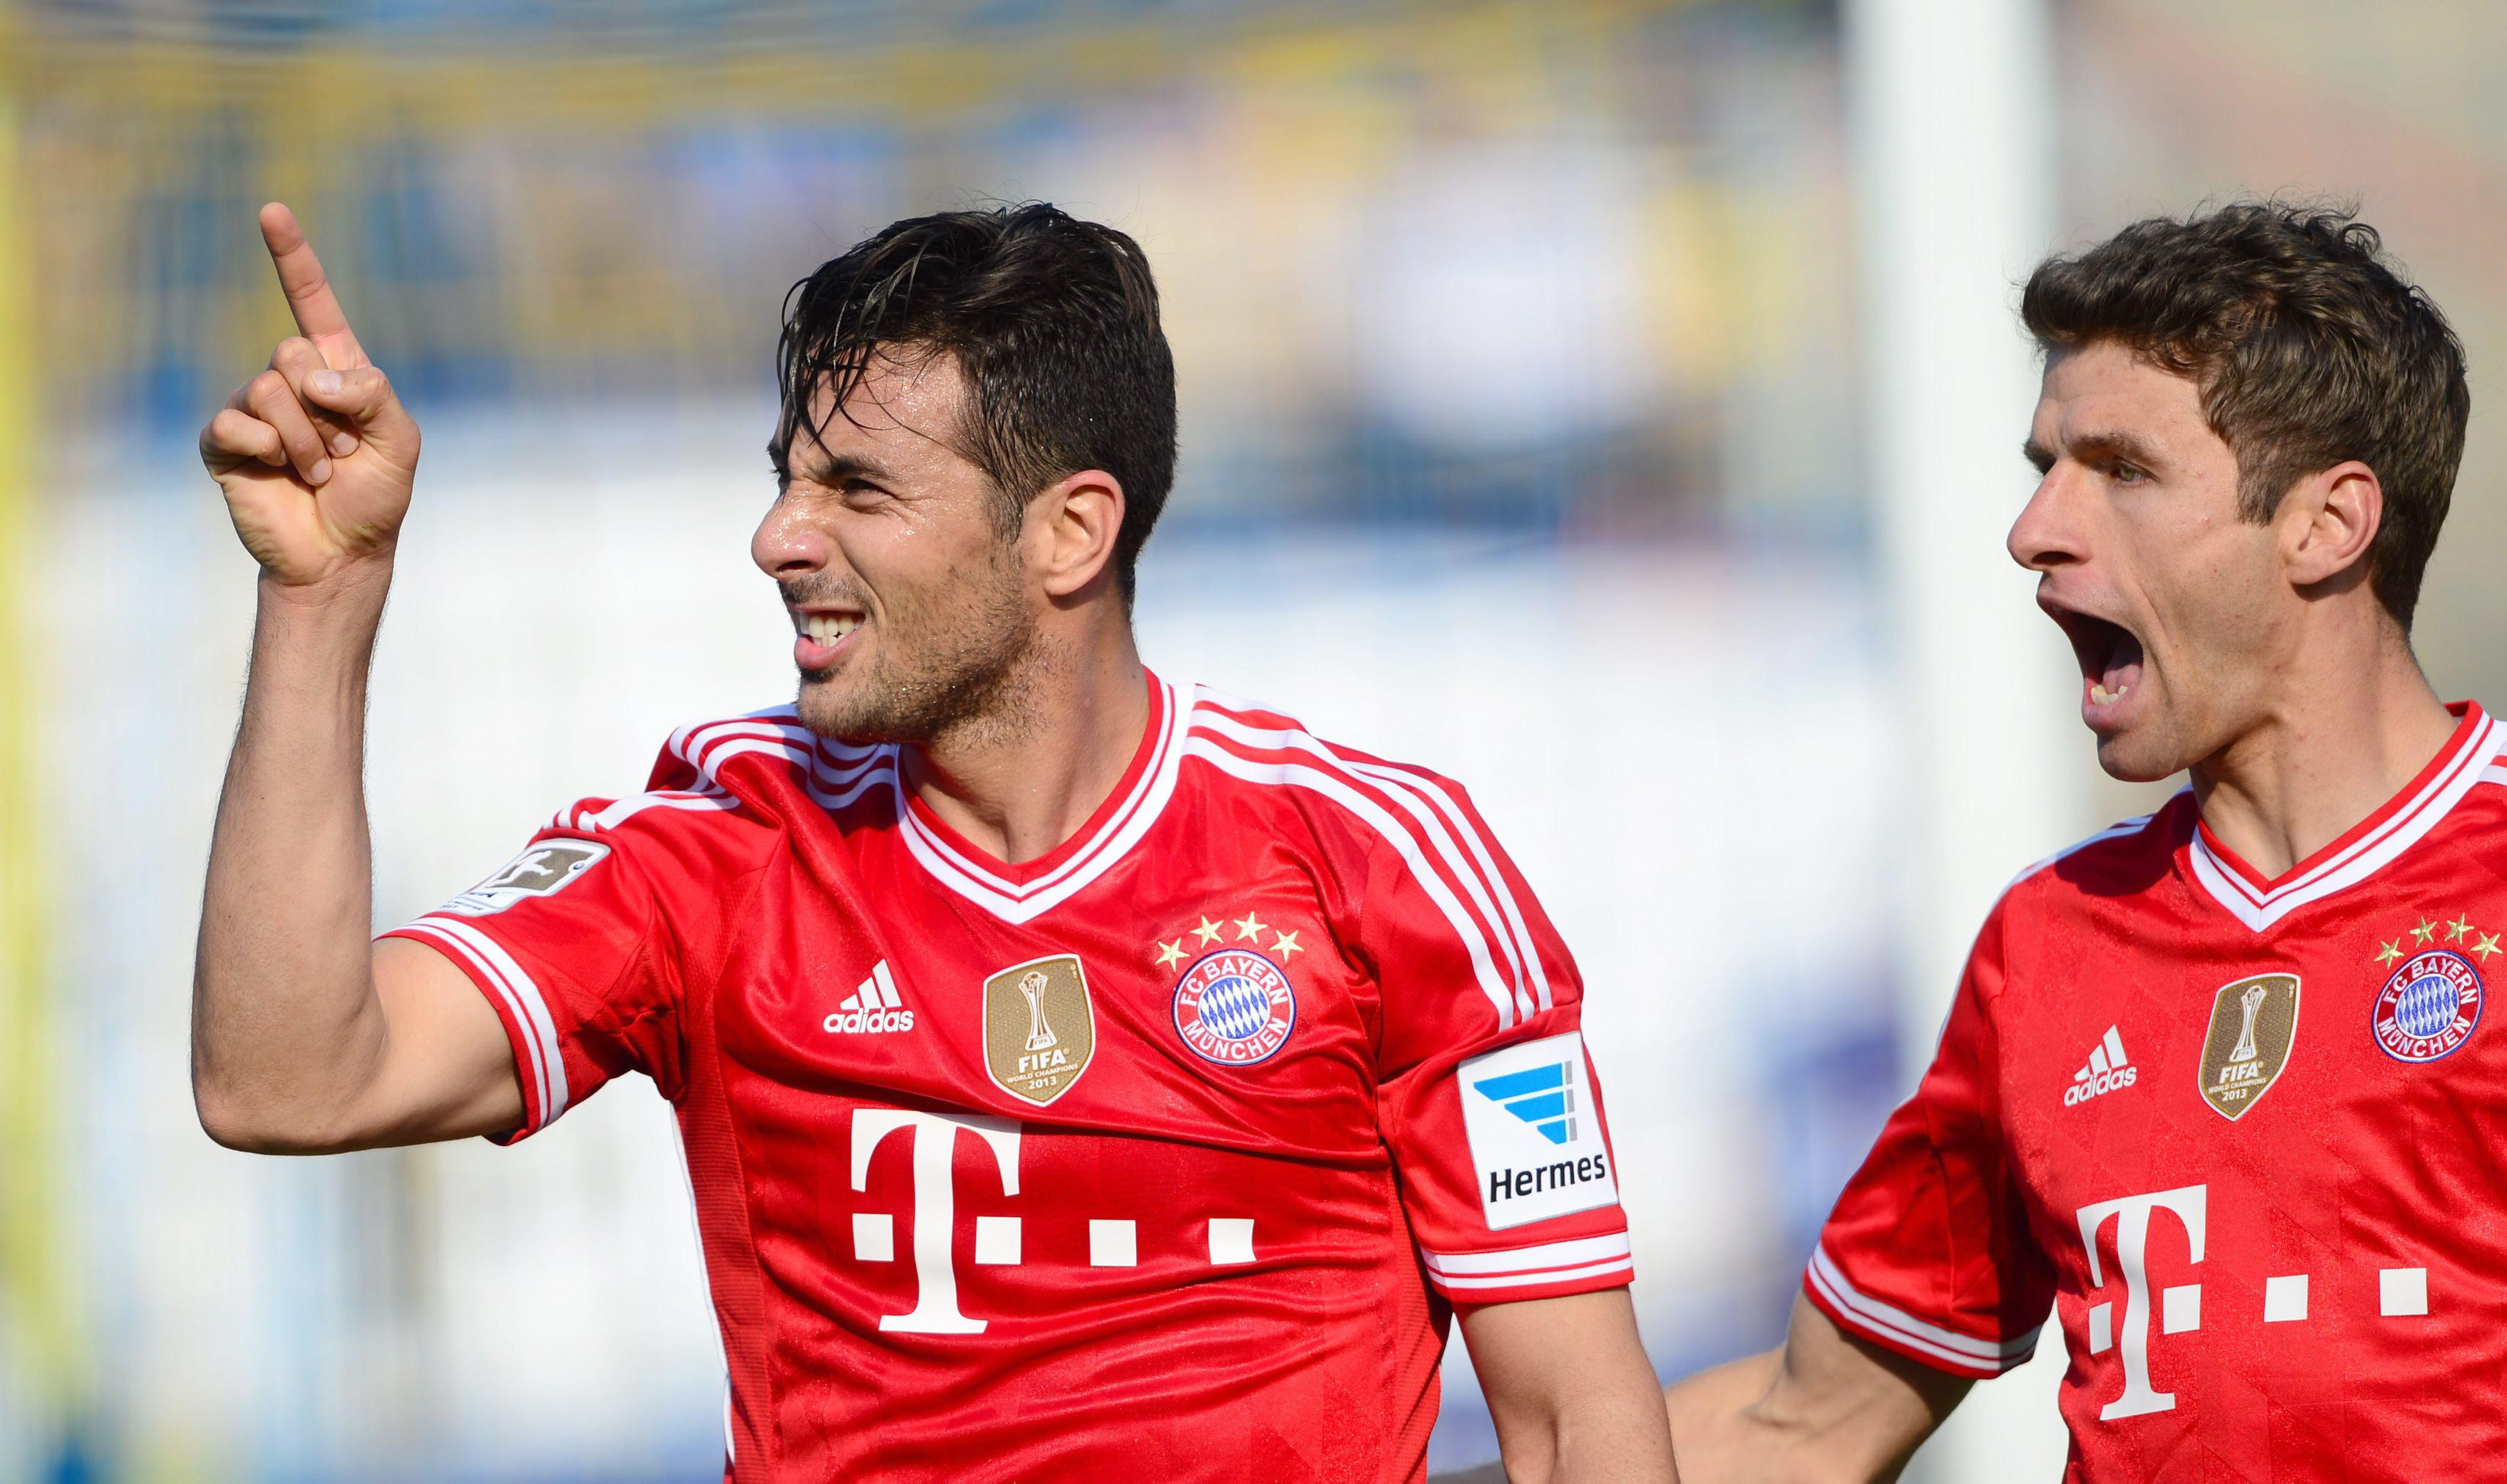 El Bayern cumple ante el penultimo, mientras que Domínguez, Joselu y Campaña pierden